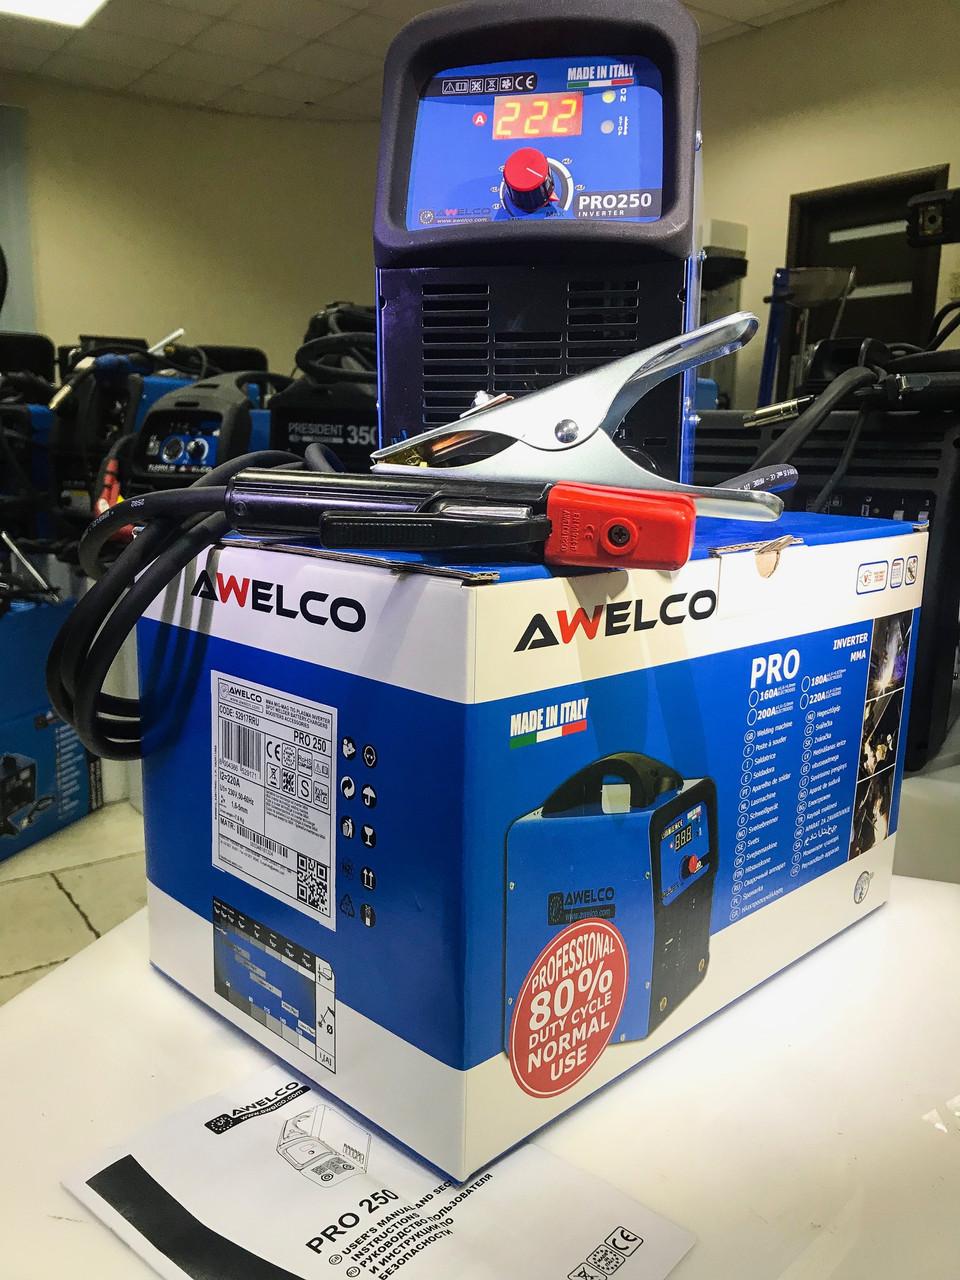 Сварочный инвертор с цифровым дисплеем / PRO 250 AWELCO 52917RRU (Италия)